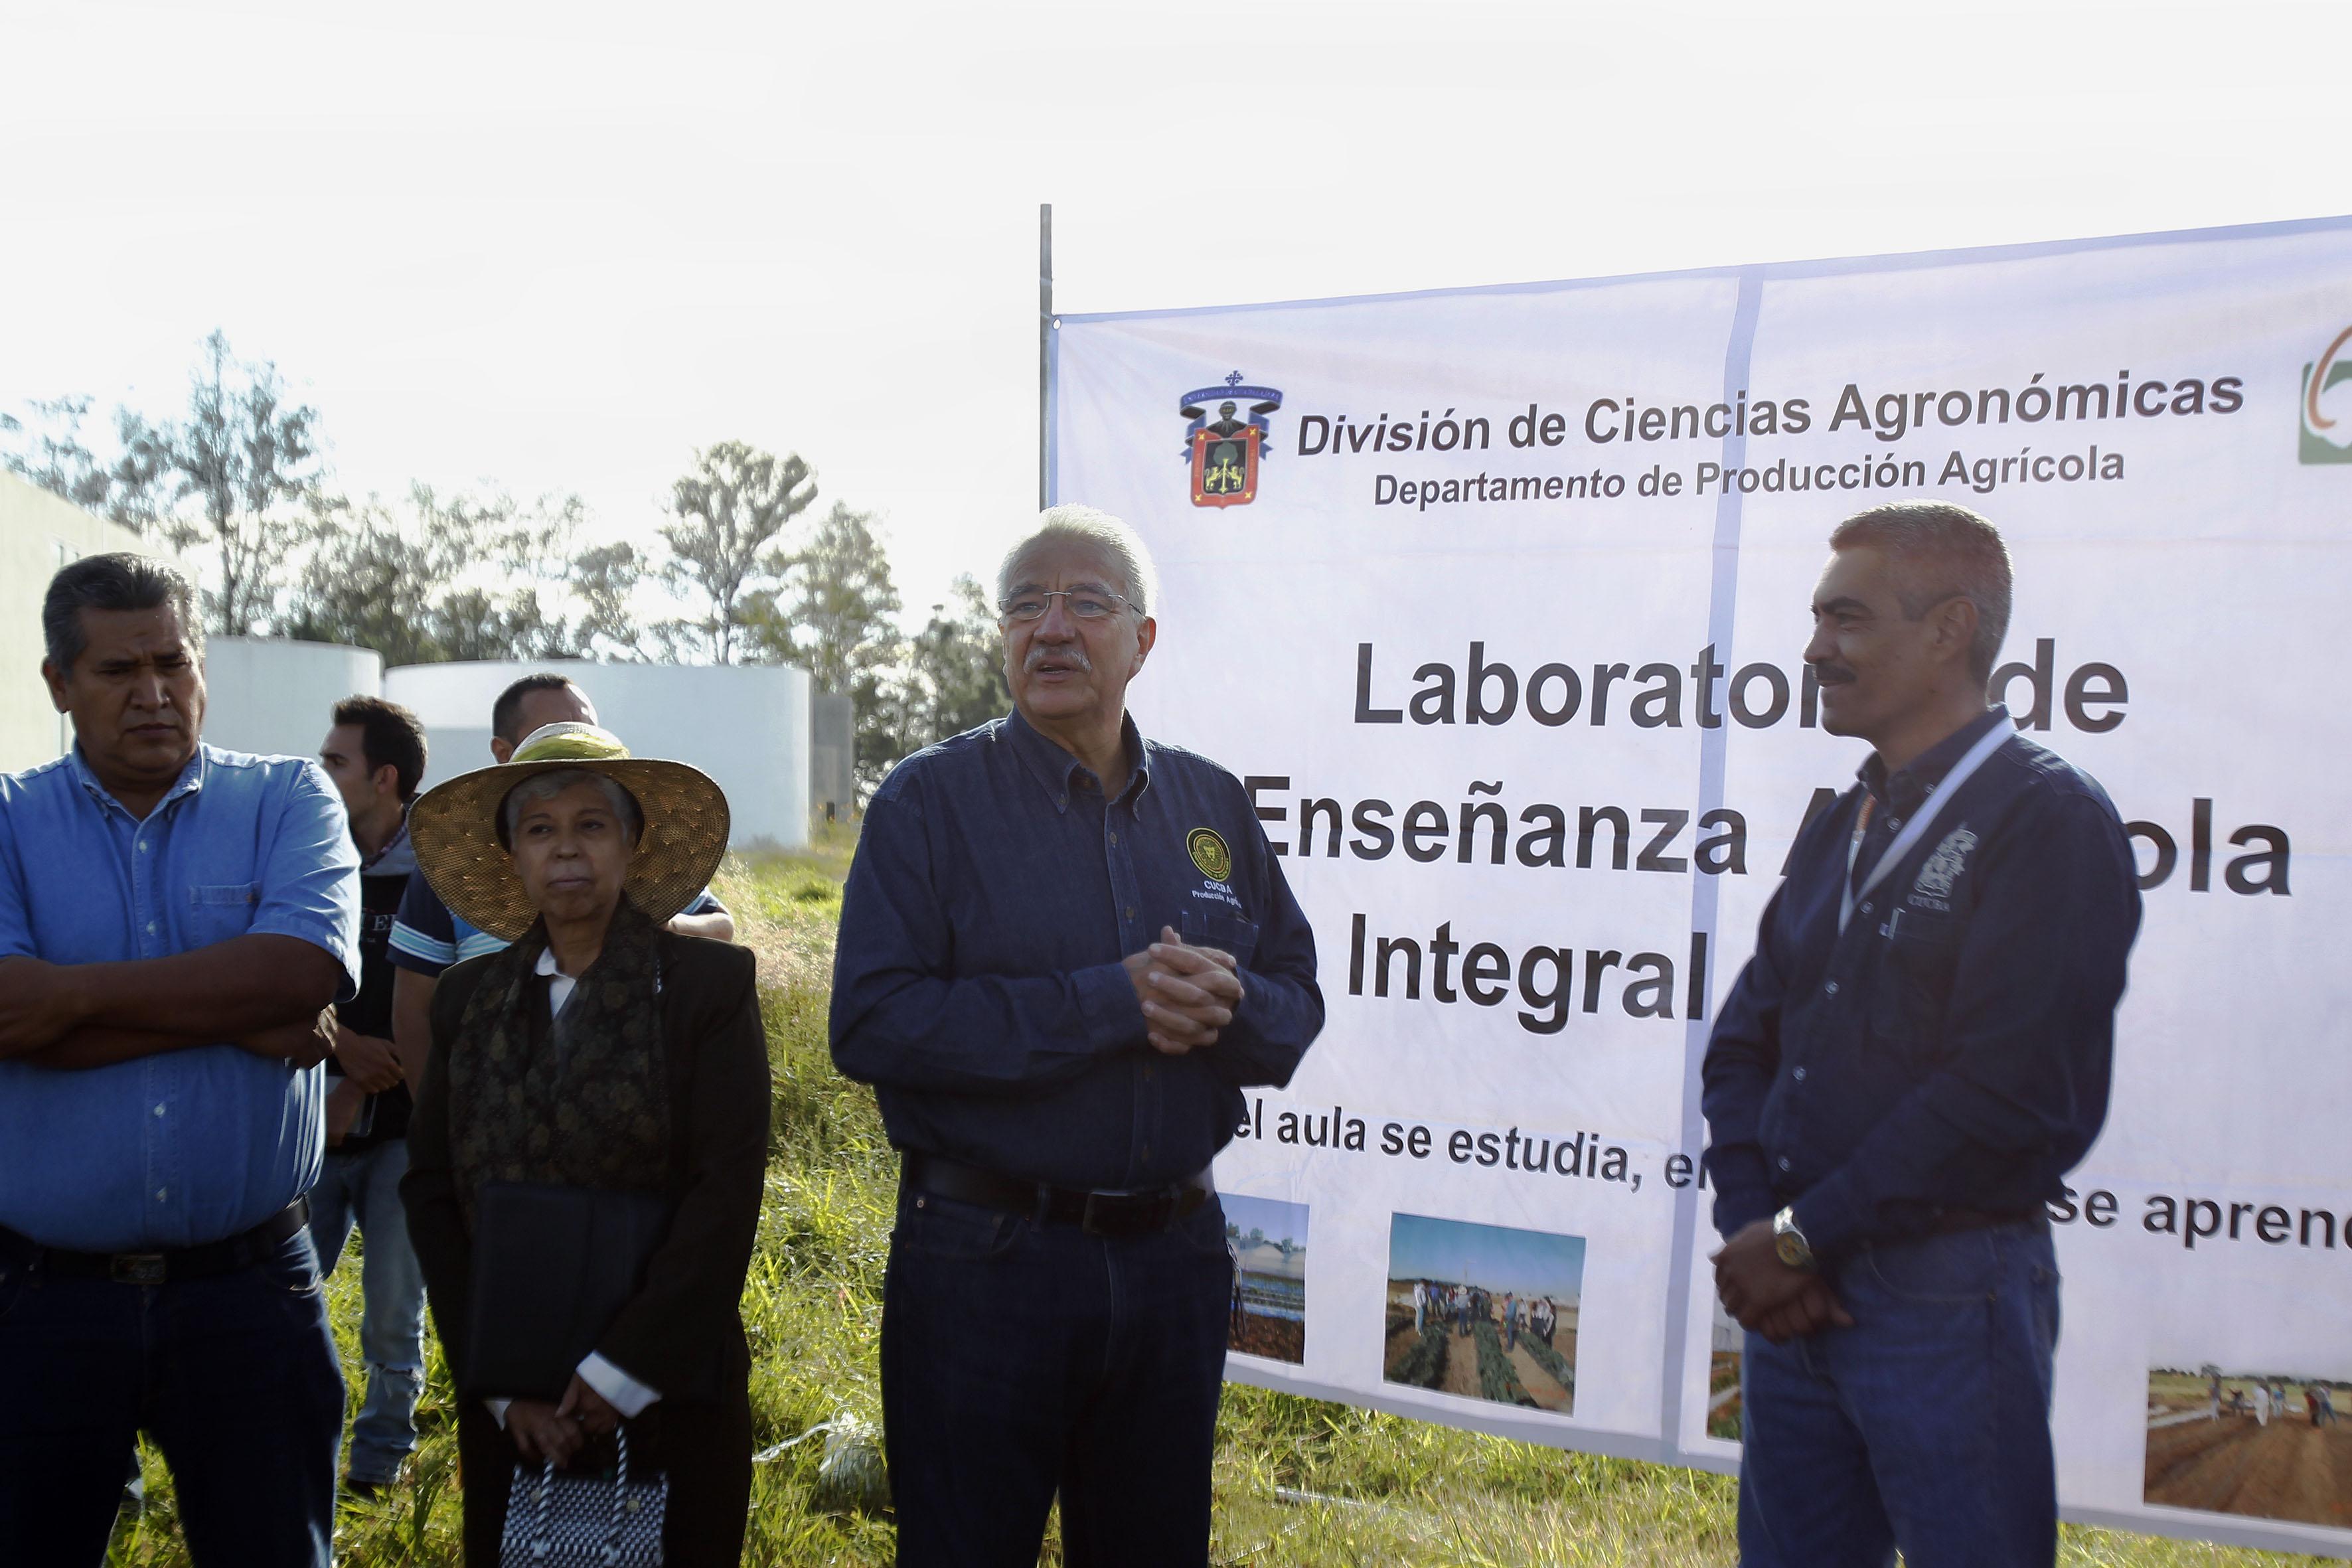 Inauguración del Laboratorio de Enseñanza Integral